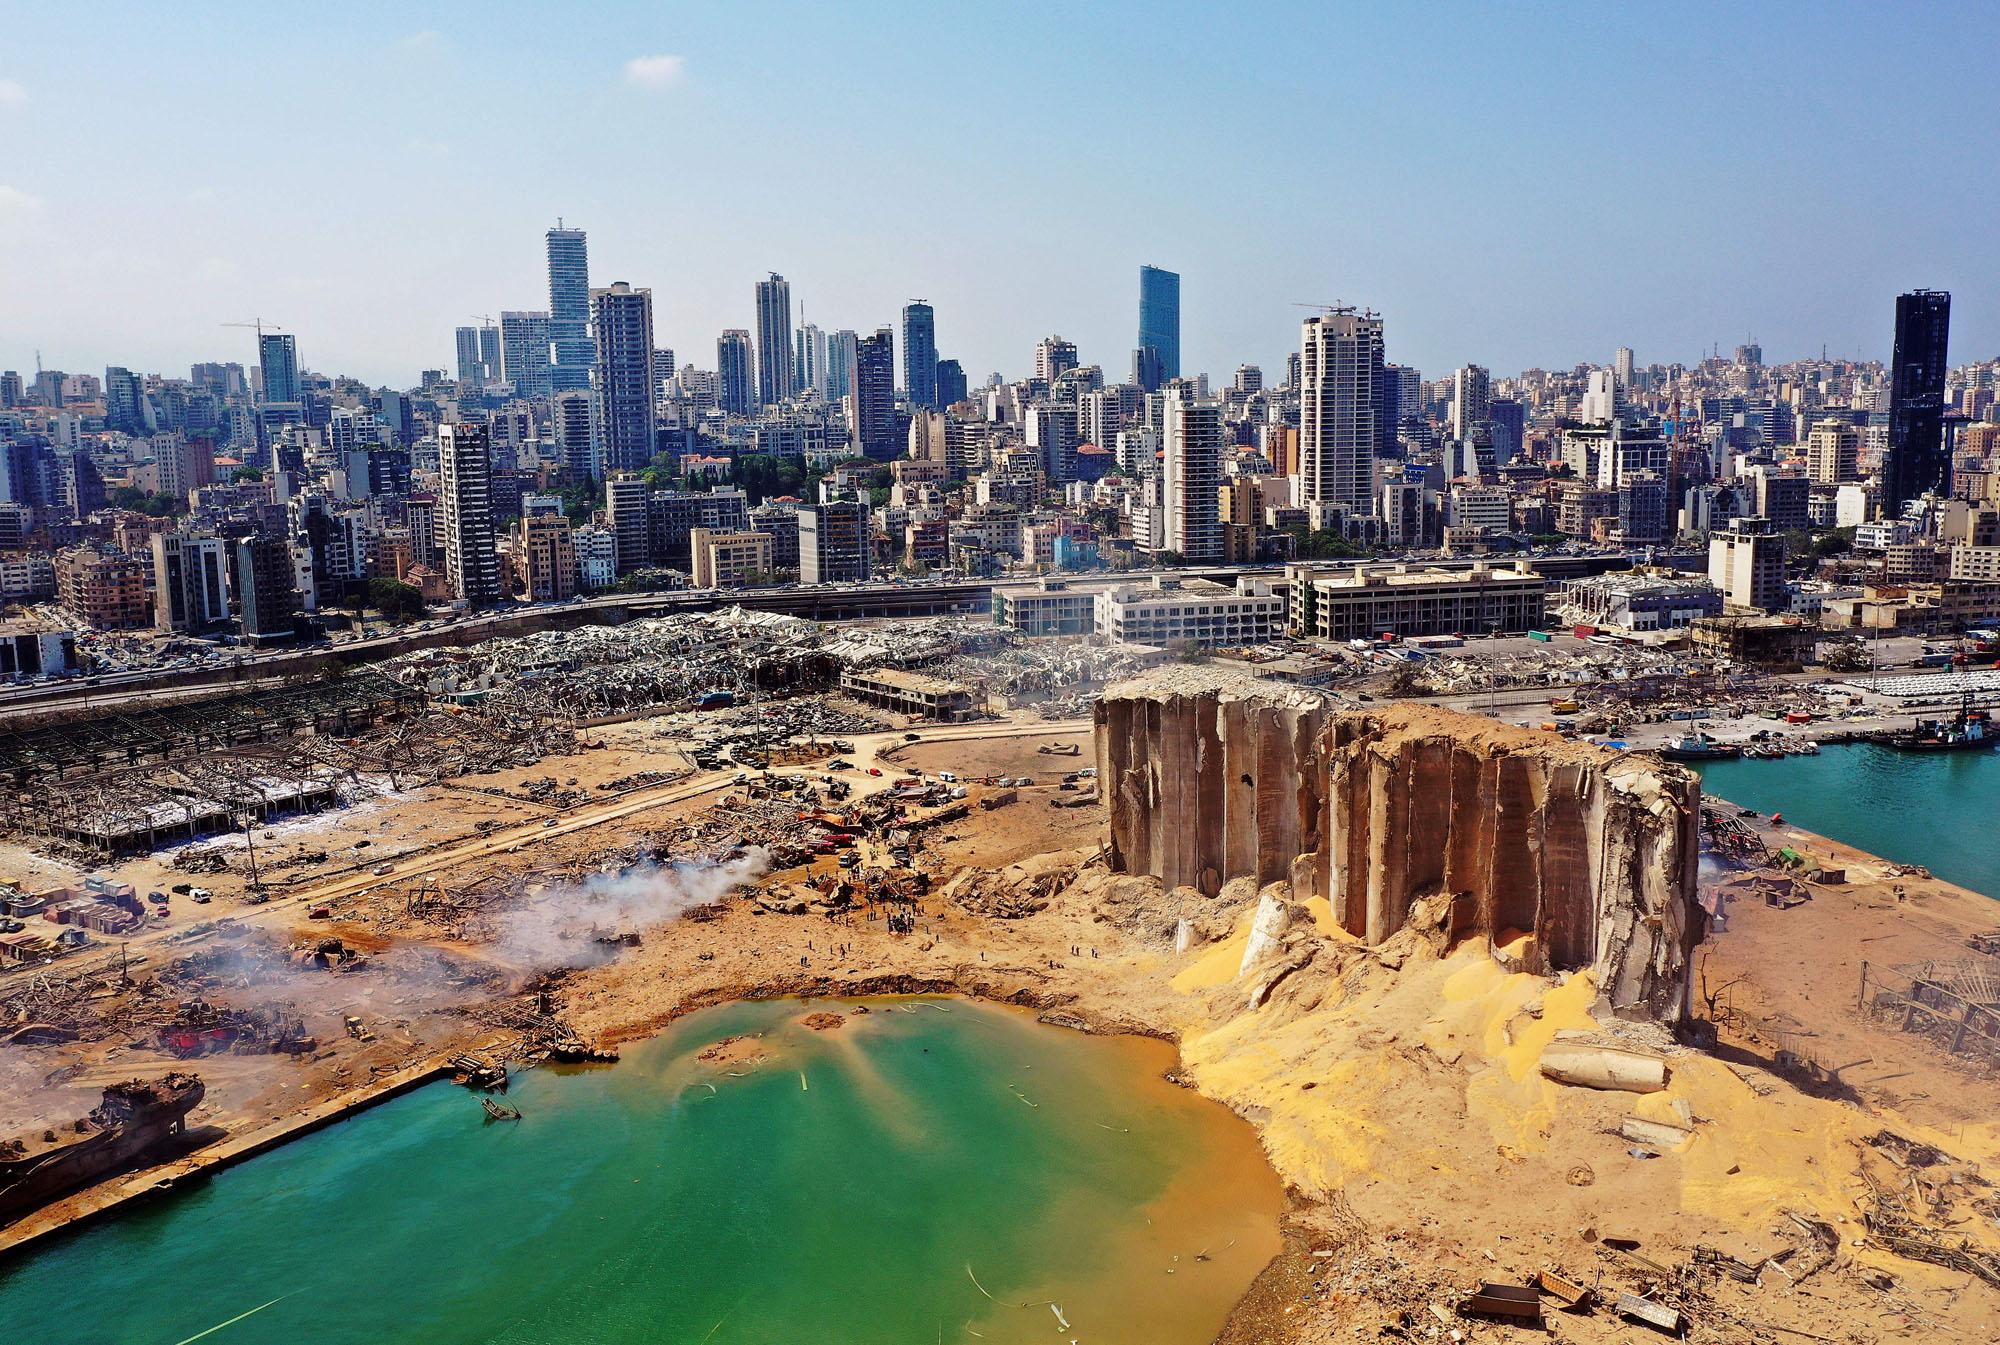 Beirut, vittime, feriti e dispersi e tante persone rimaste senza casa